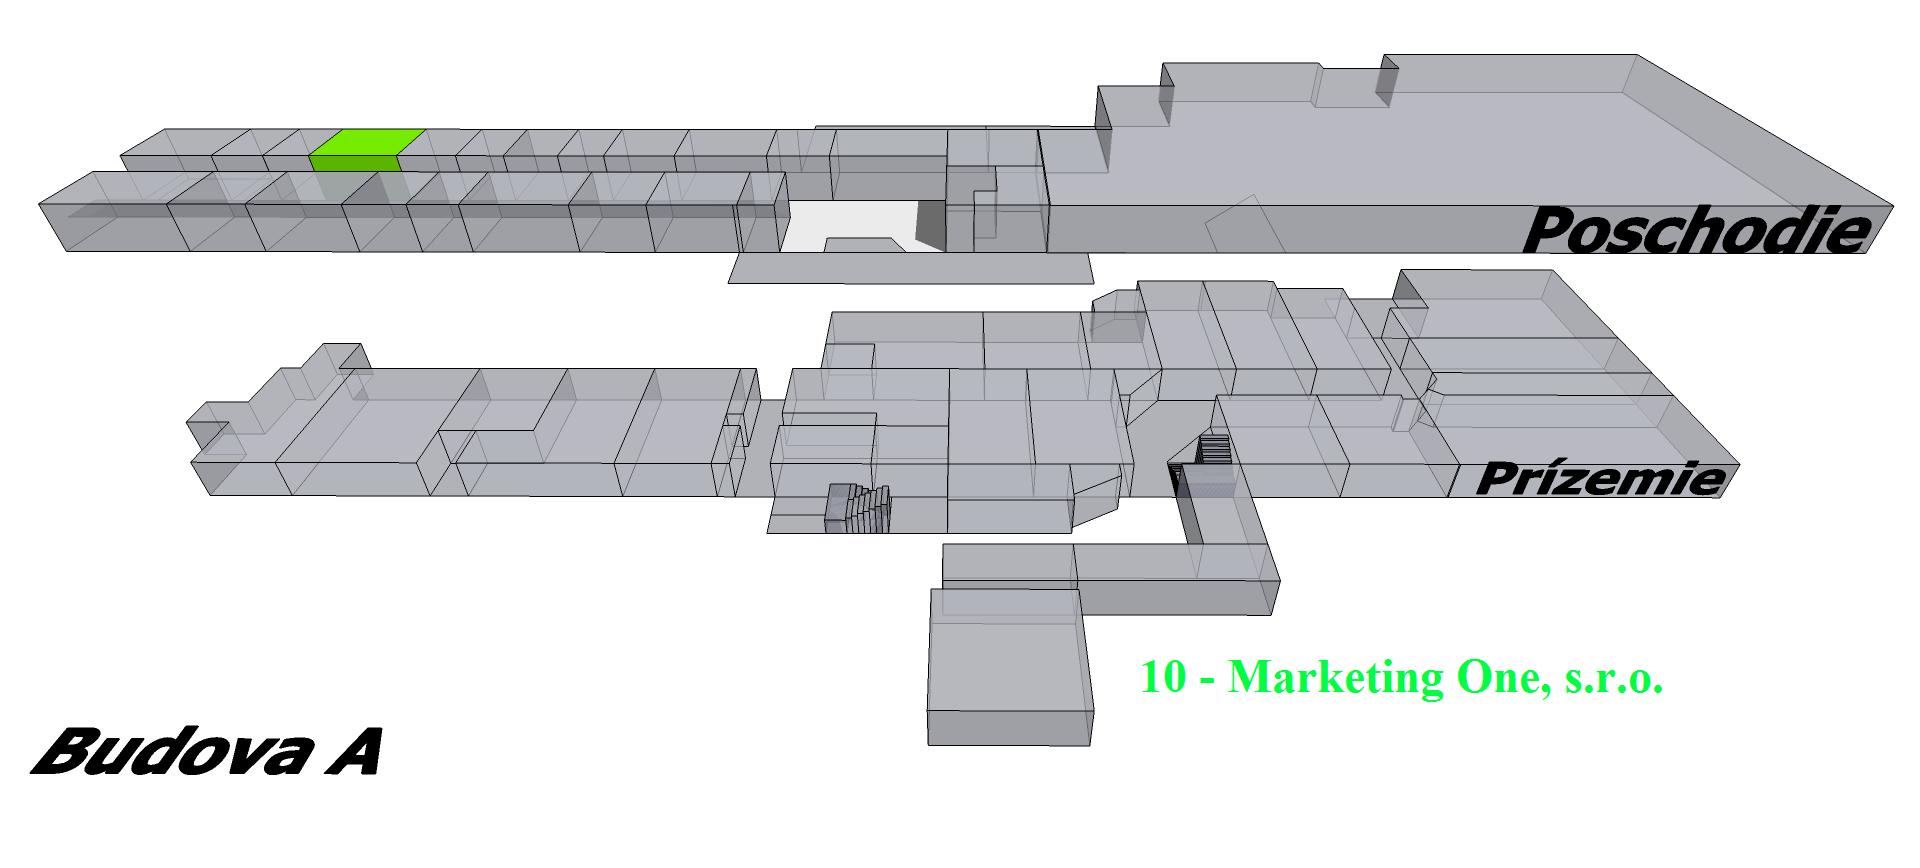 10_Marketin One_budova_A_poschodie_s_u